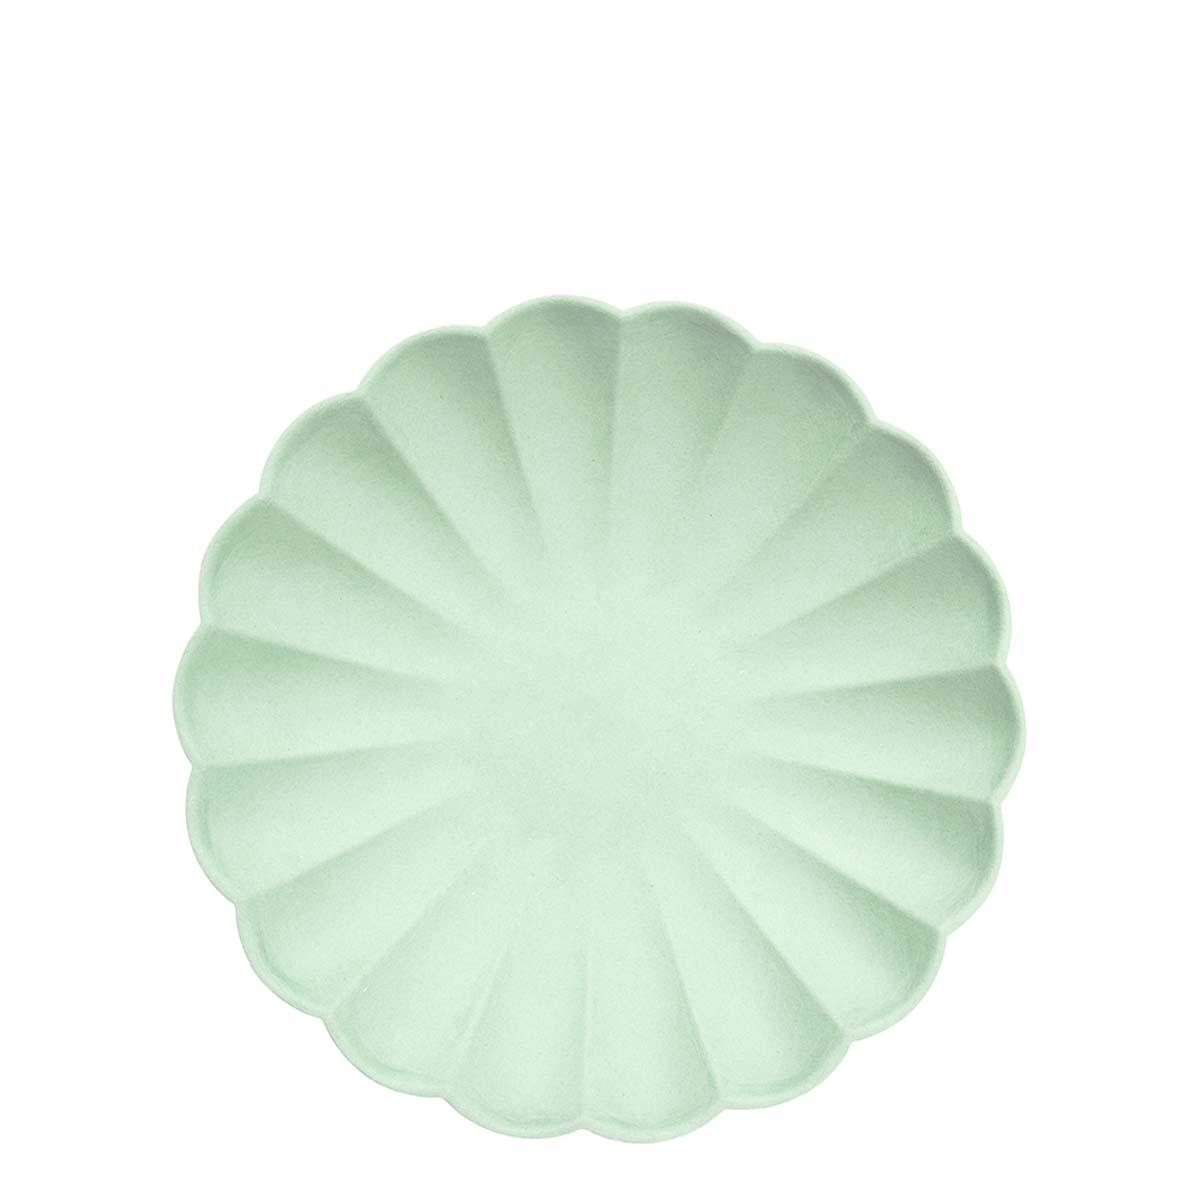 Piatti Mint Simply Eco Small